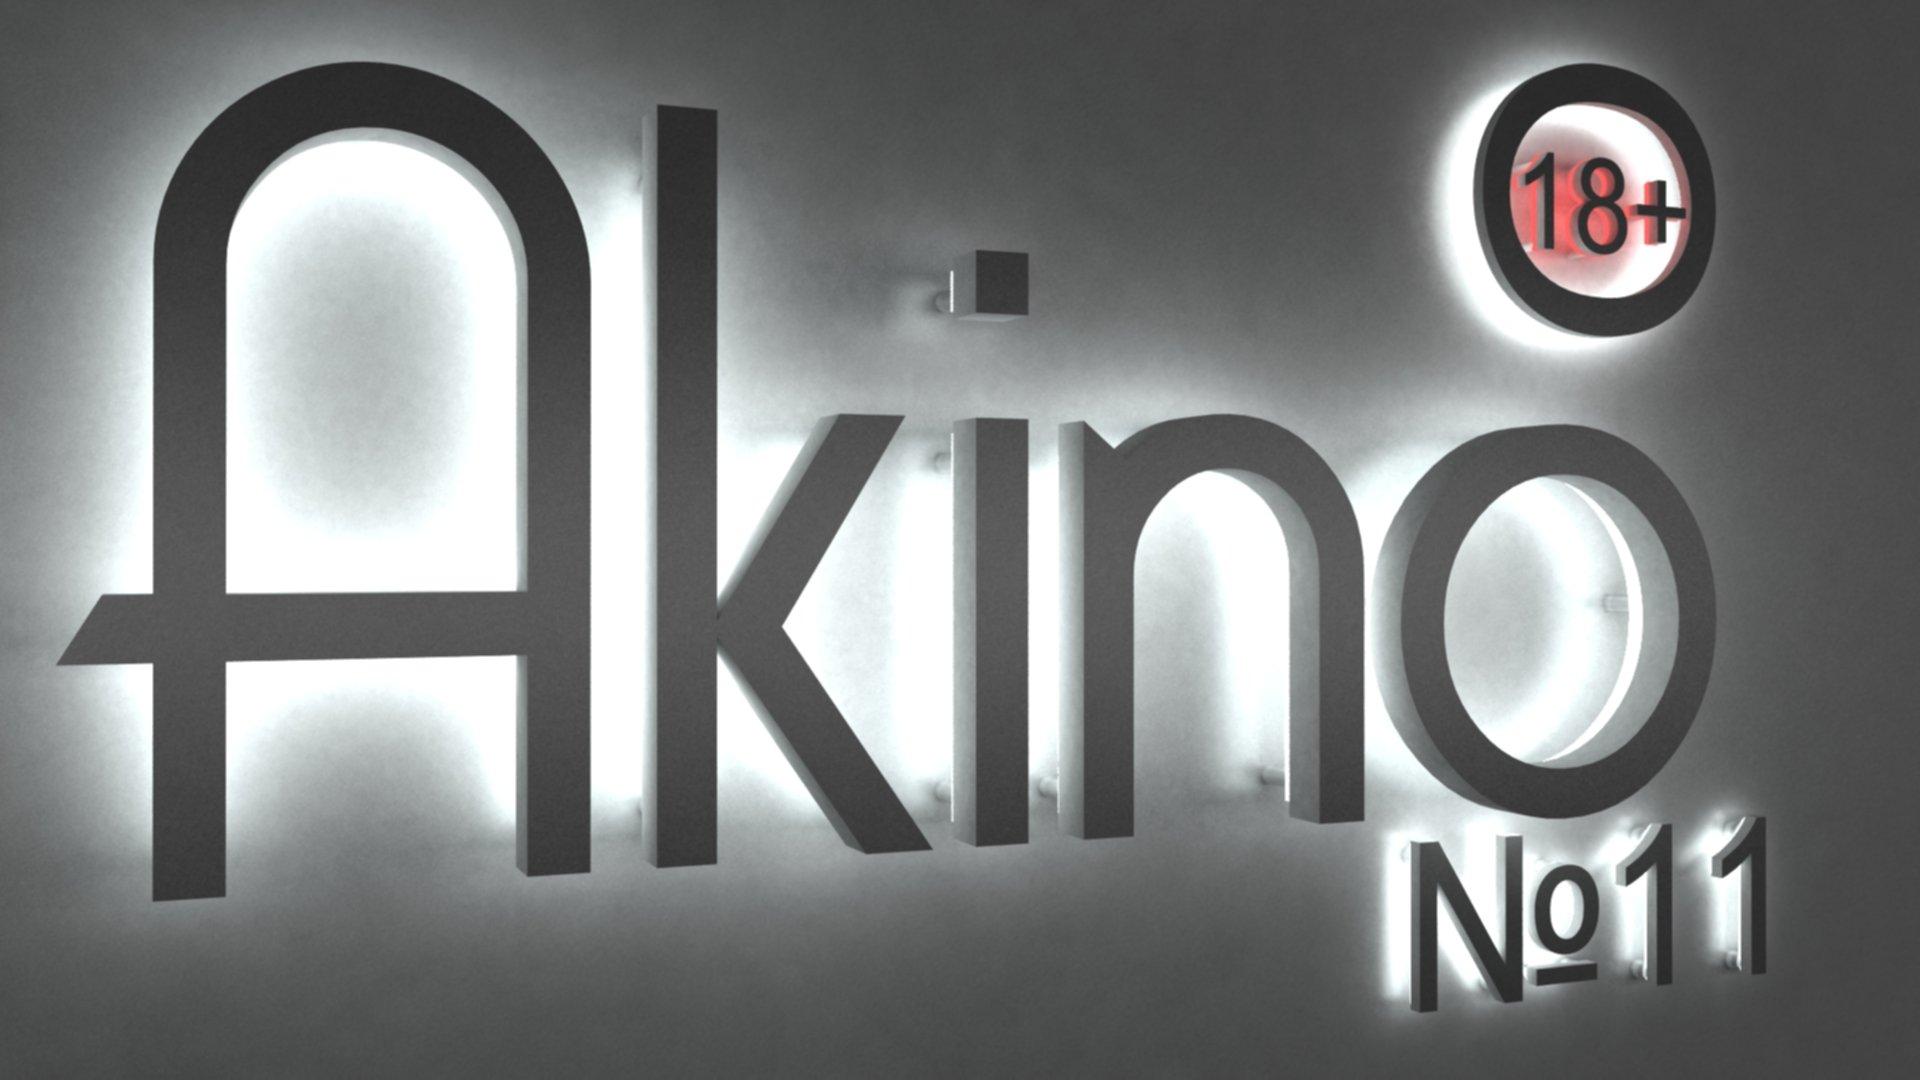 Подкаст AkiNO Выпуск № 11 (18+). - Изображение 1